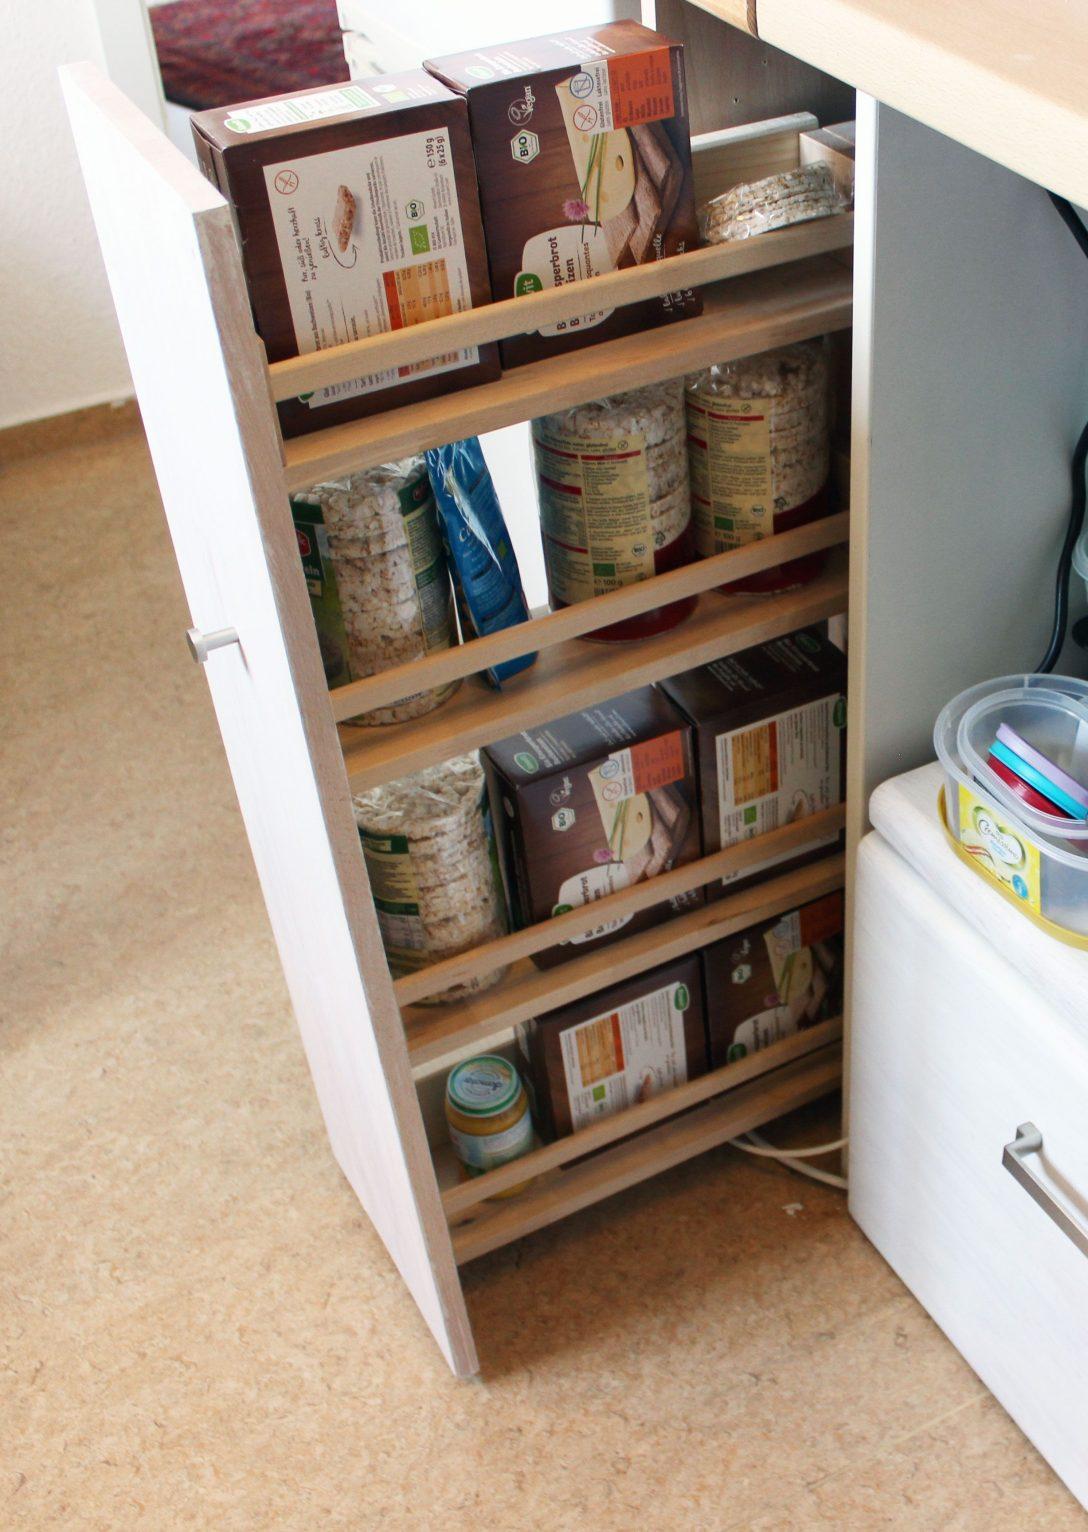 Large Size of Nischenregal Sideboard Küche Edelstahlküche Ikea Miniküche Led Panel Arbeitstisch Industrial Ebay Landhausküche Gebraucht Einzelschränke Theke Fliesen Wohnzimmer Wandregal Küche Ikea